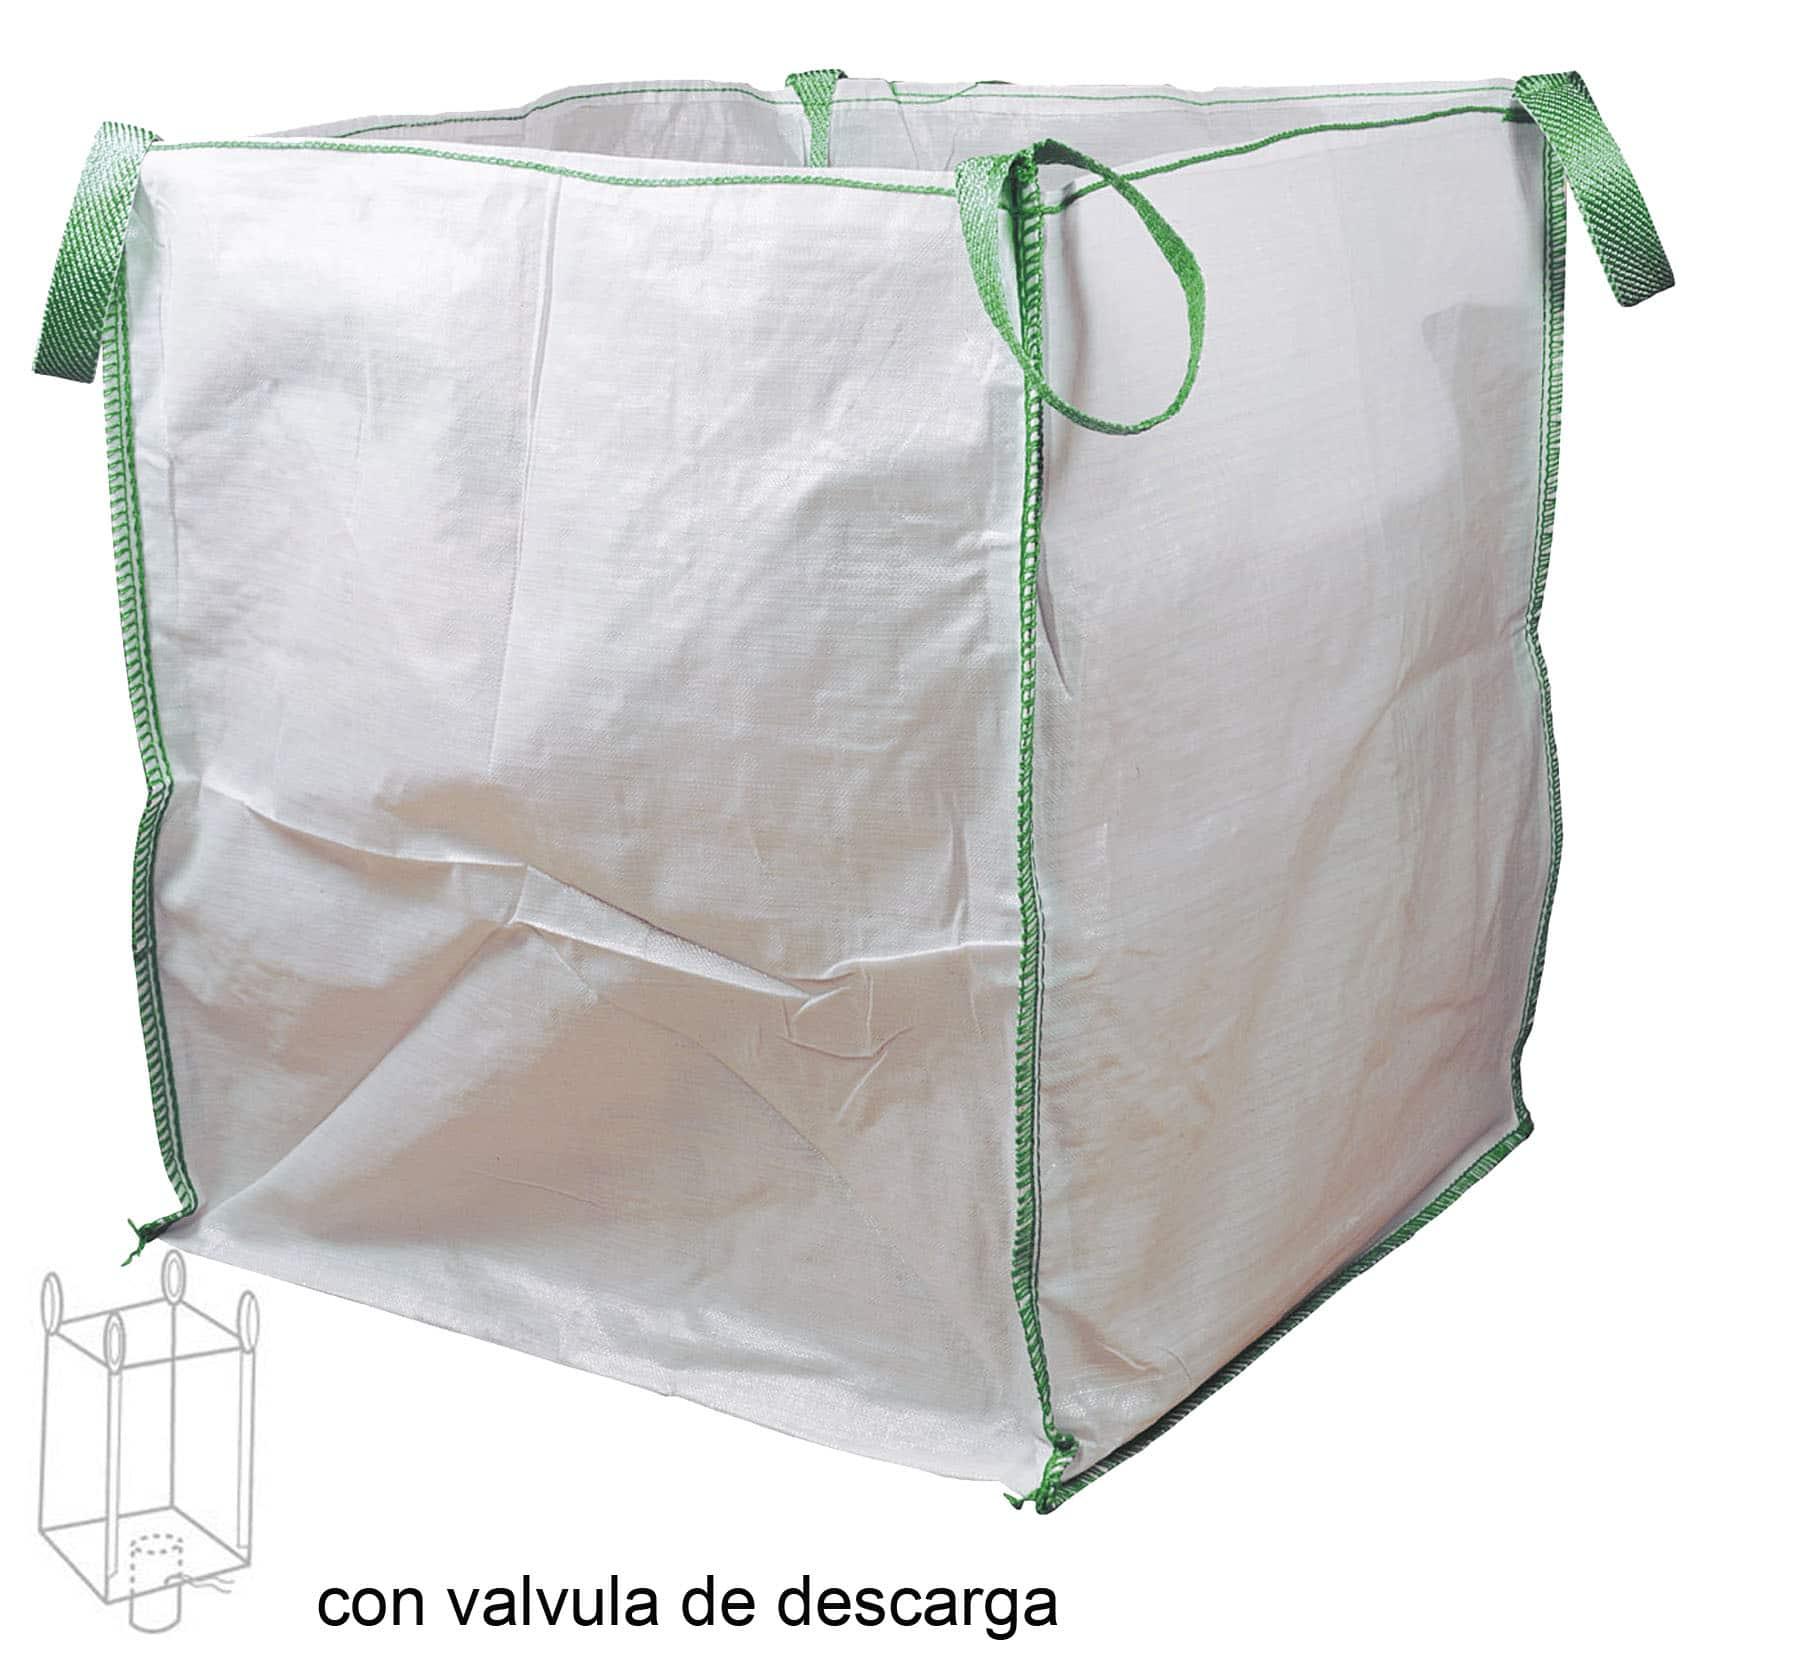 Saca fabricada en rafia de polipropileno y dotada de 4 asas para facilitar su transporte, así como calculada para soportar hasta 1.000kg de peso.